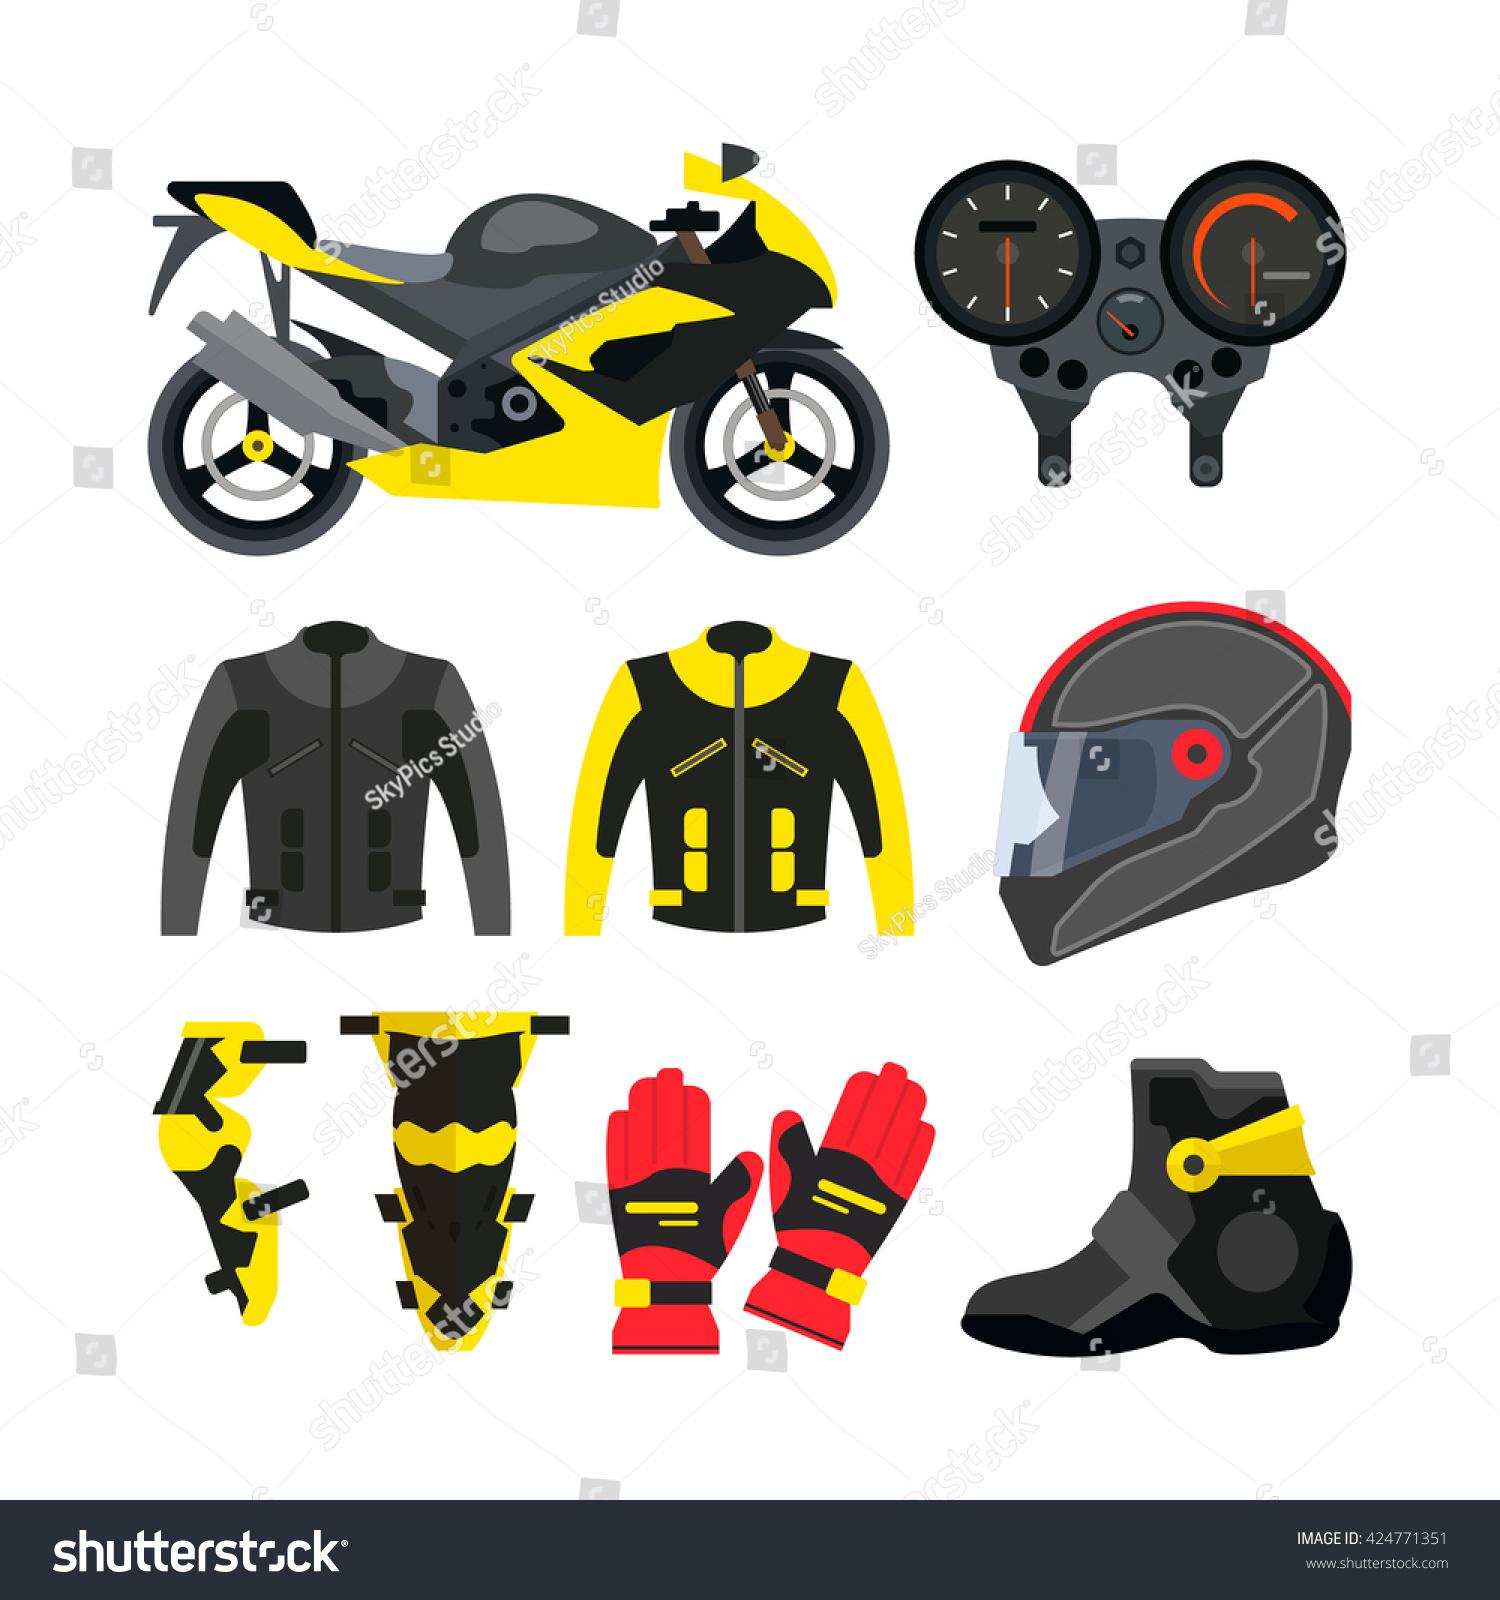 Vector Set Motorcycle Accessories Design Elements Stock Vector